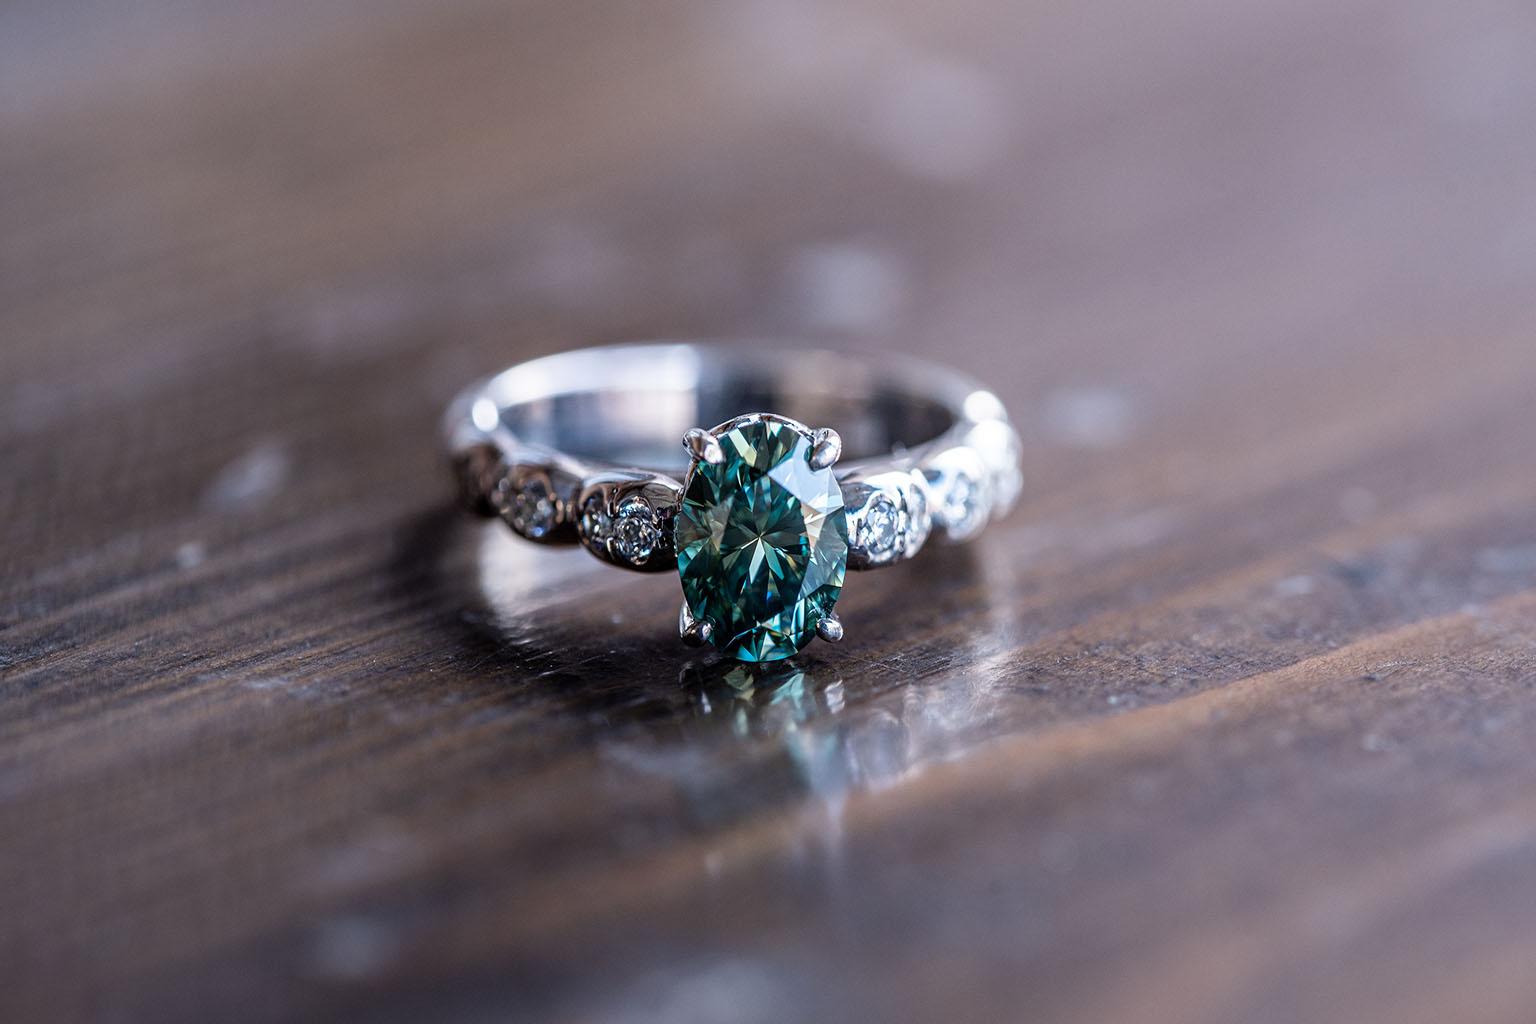 Una de las alianzas de compromiso más espectaculares , hecha de plata y diamantes a su alrededor con una gran esmeralda central. La piedra por excelencia de la faraona cleopatra